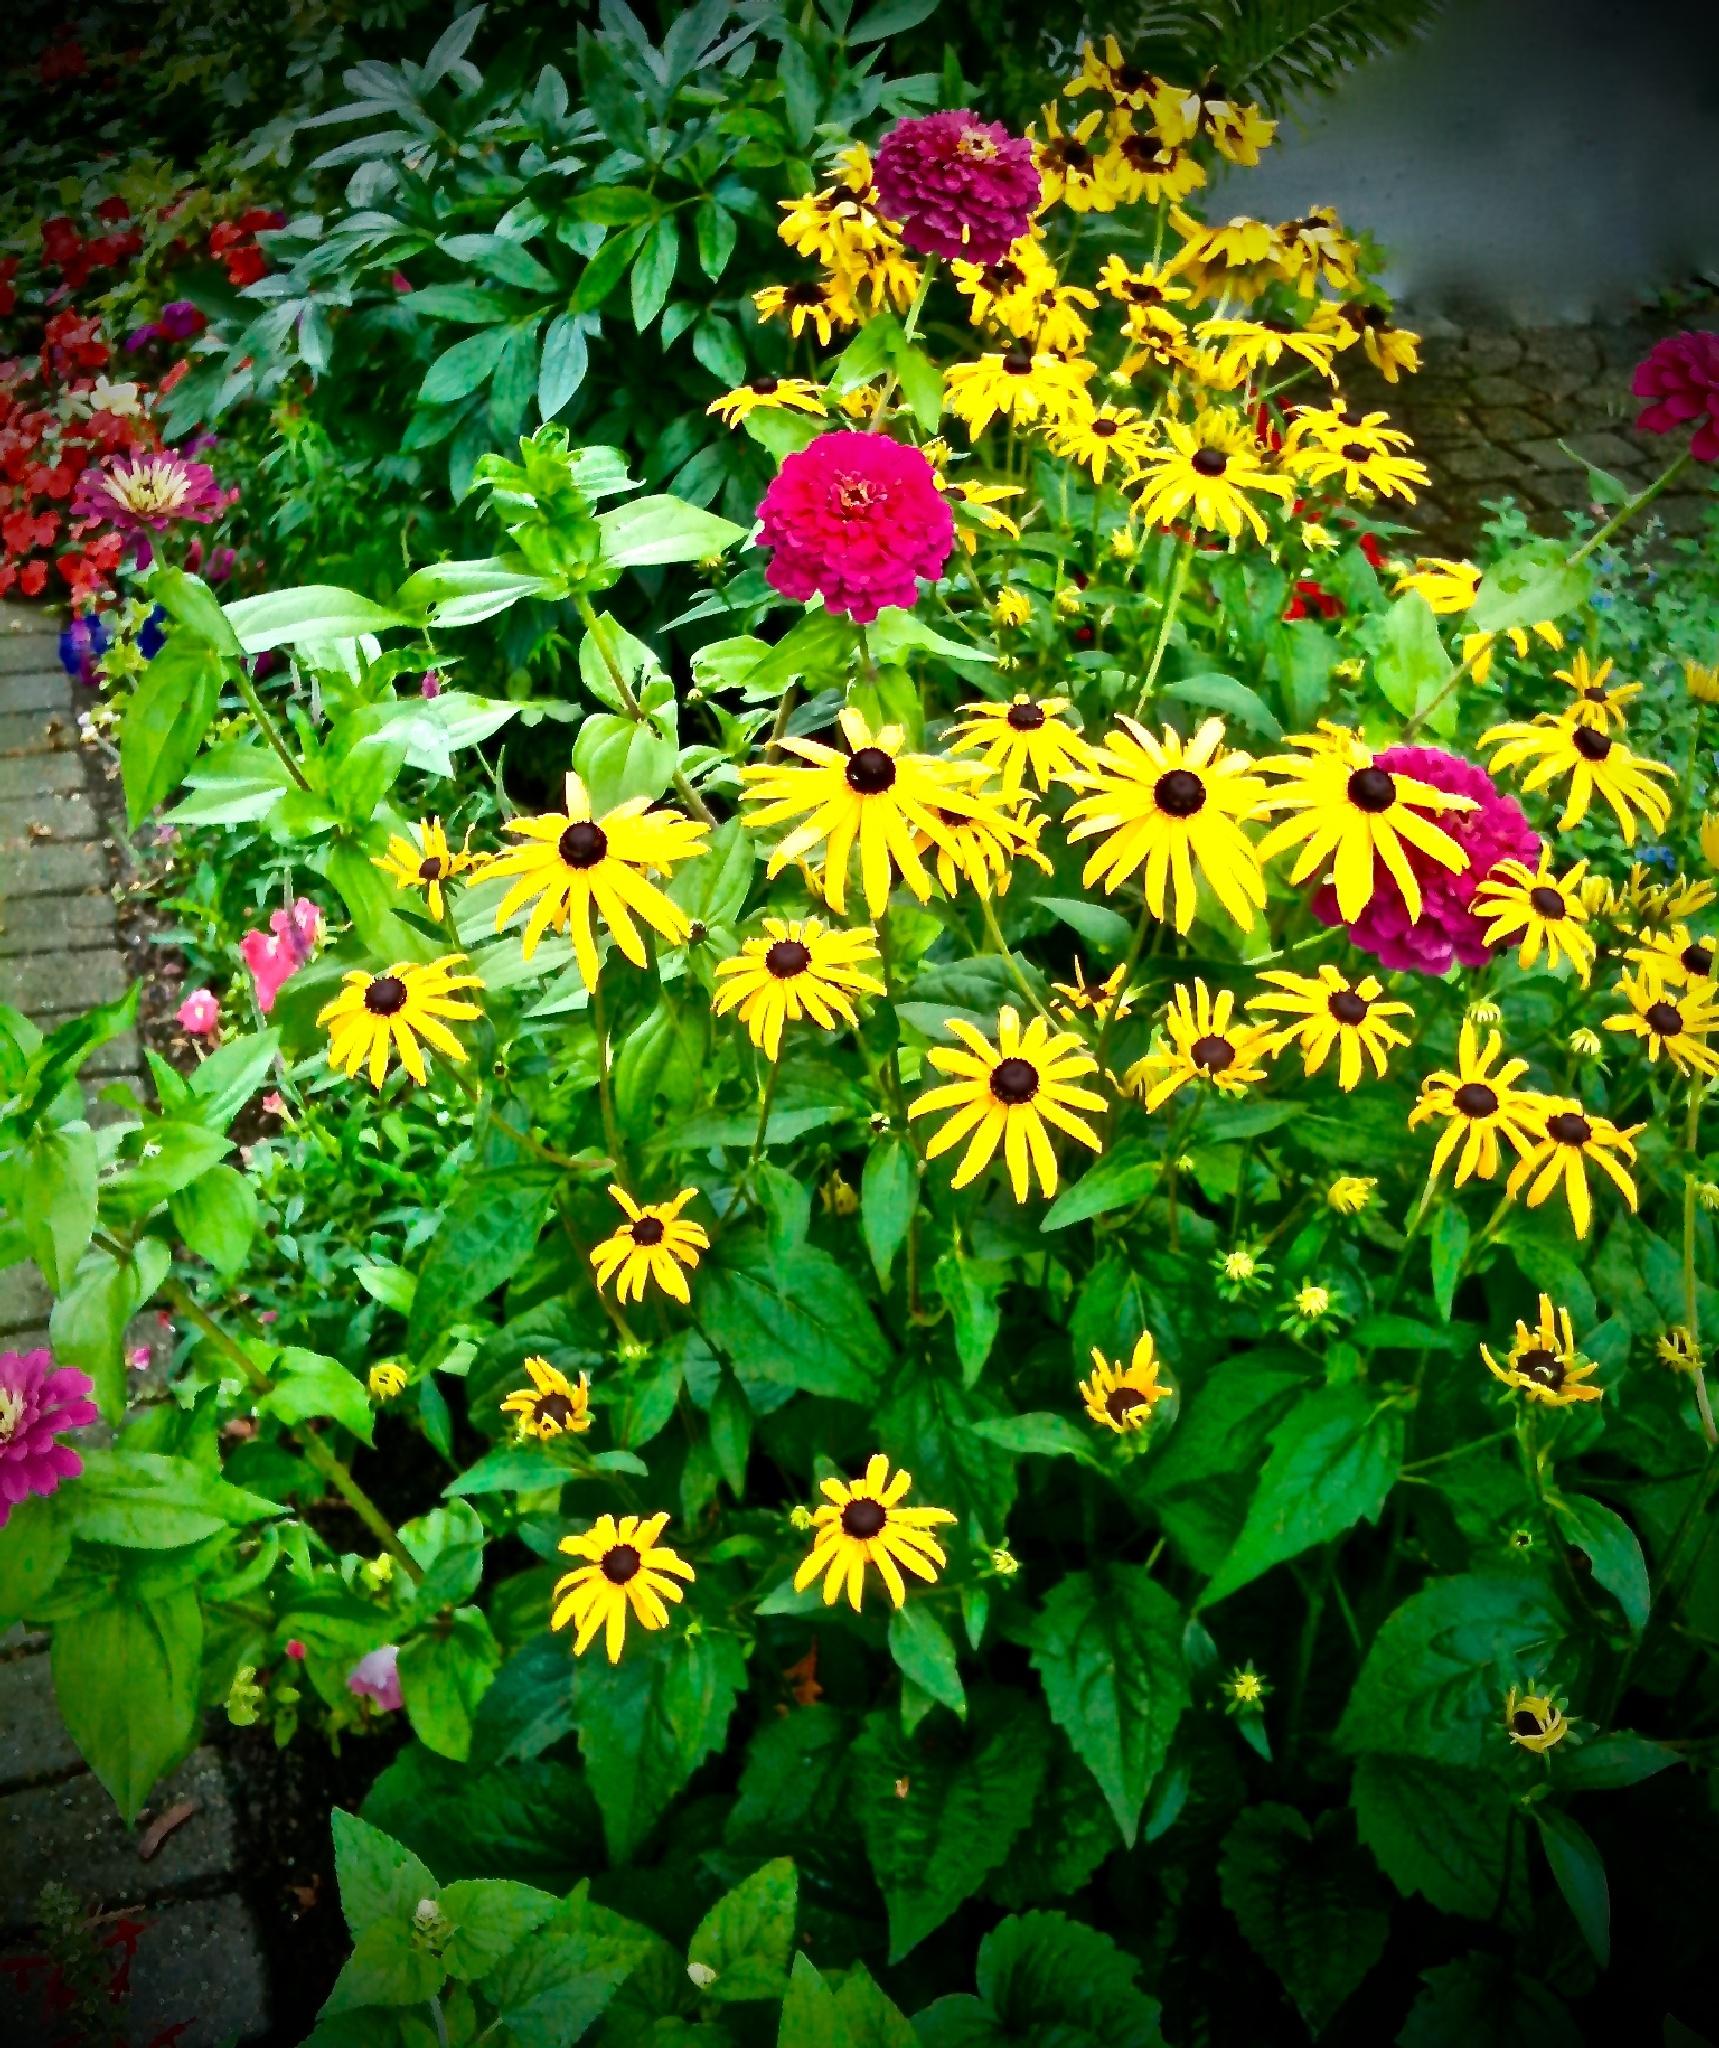 Summer Garden by Laurie Ann Morche'